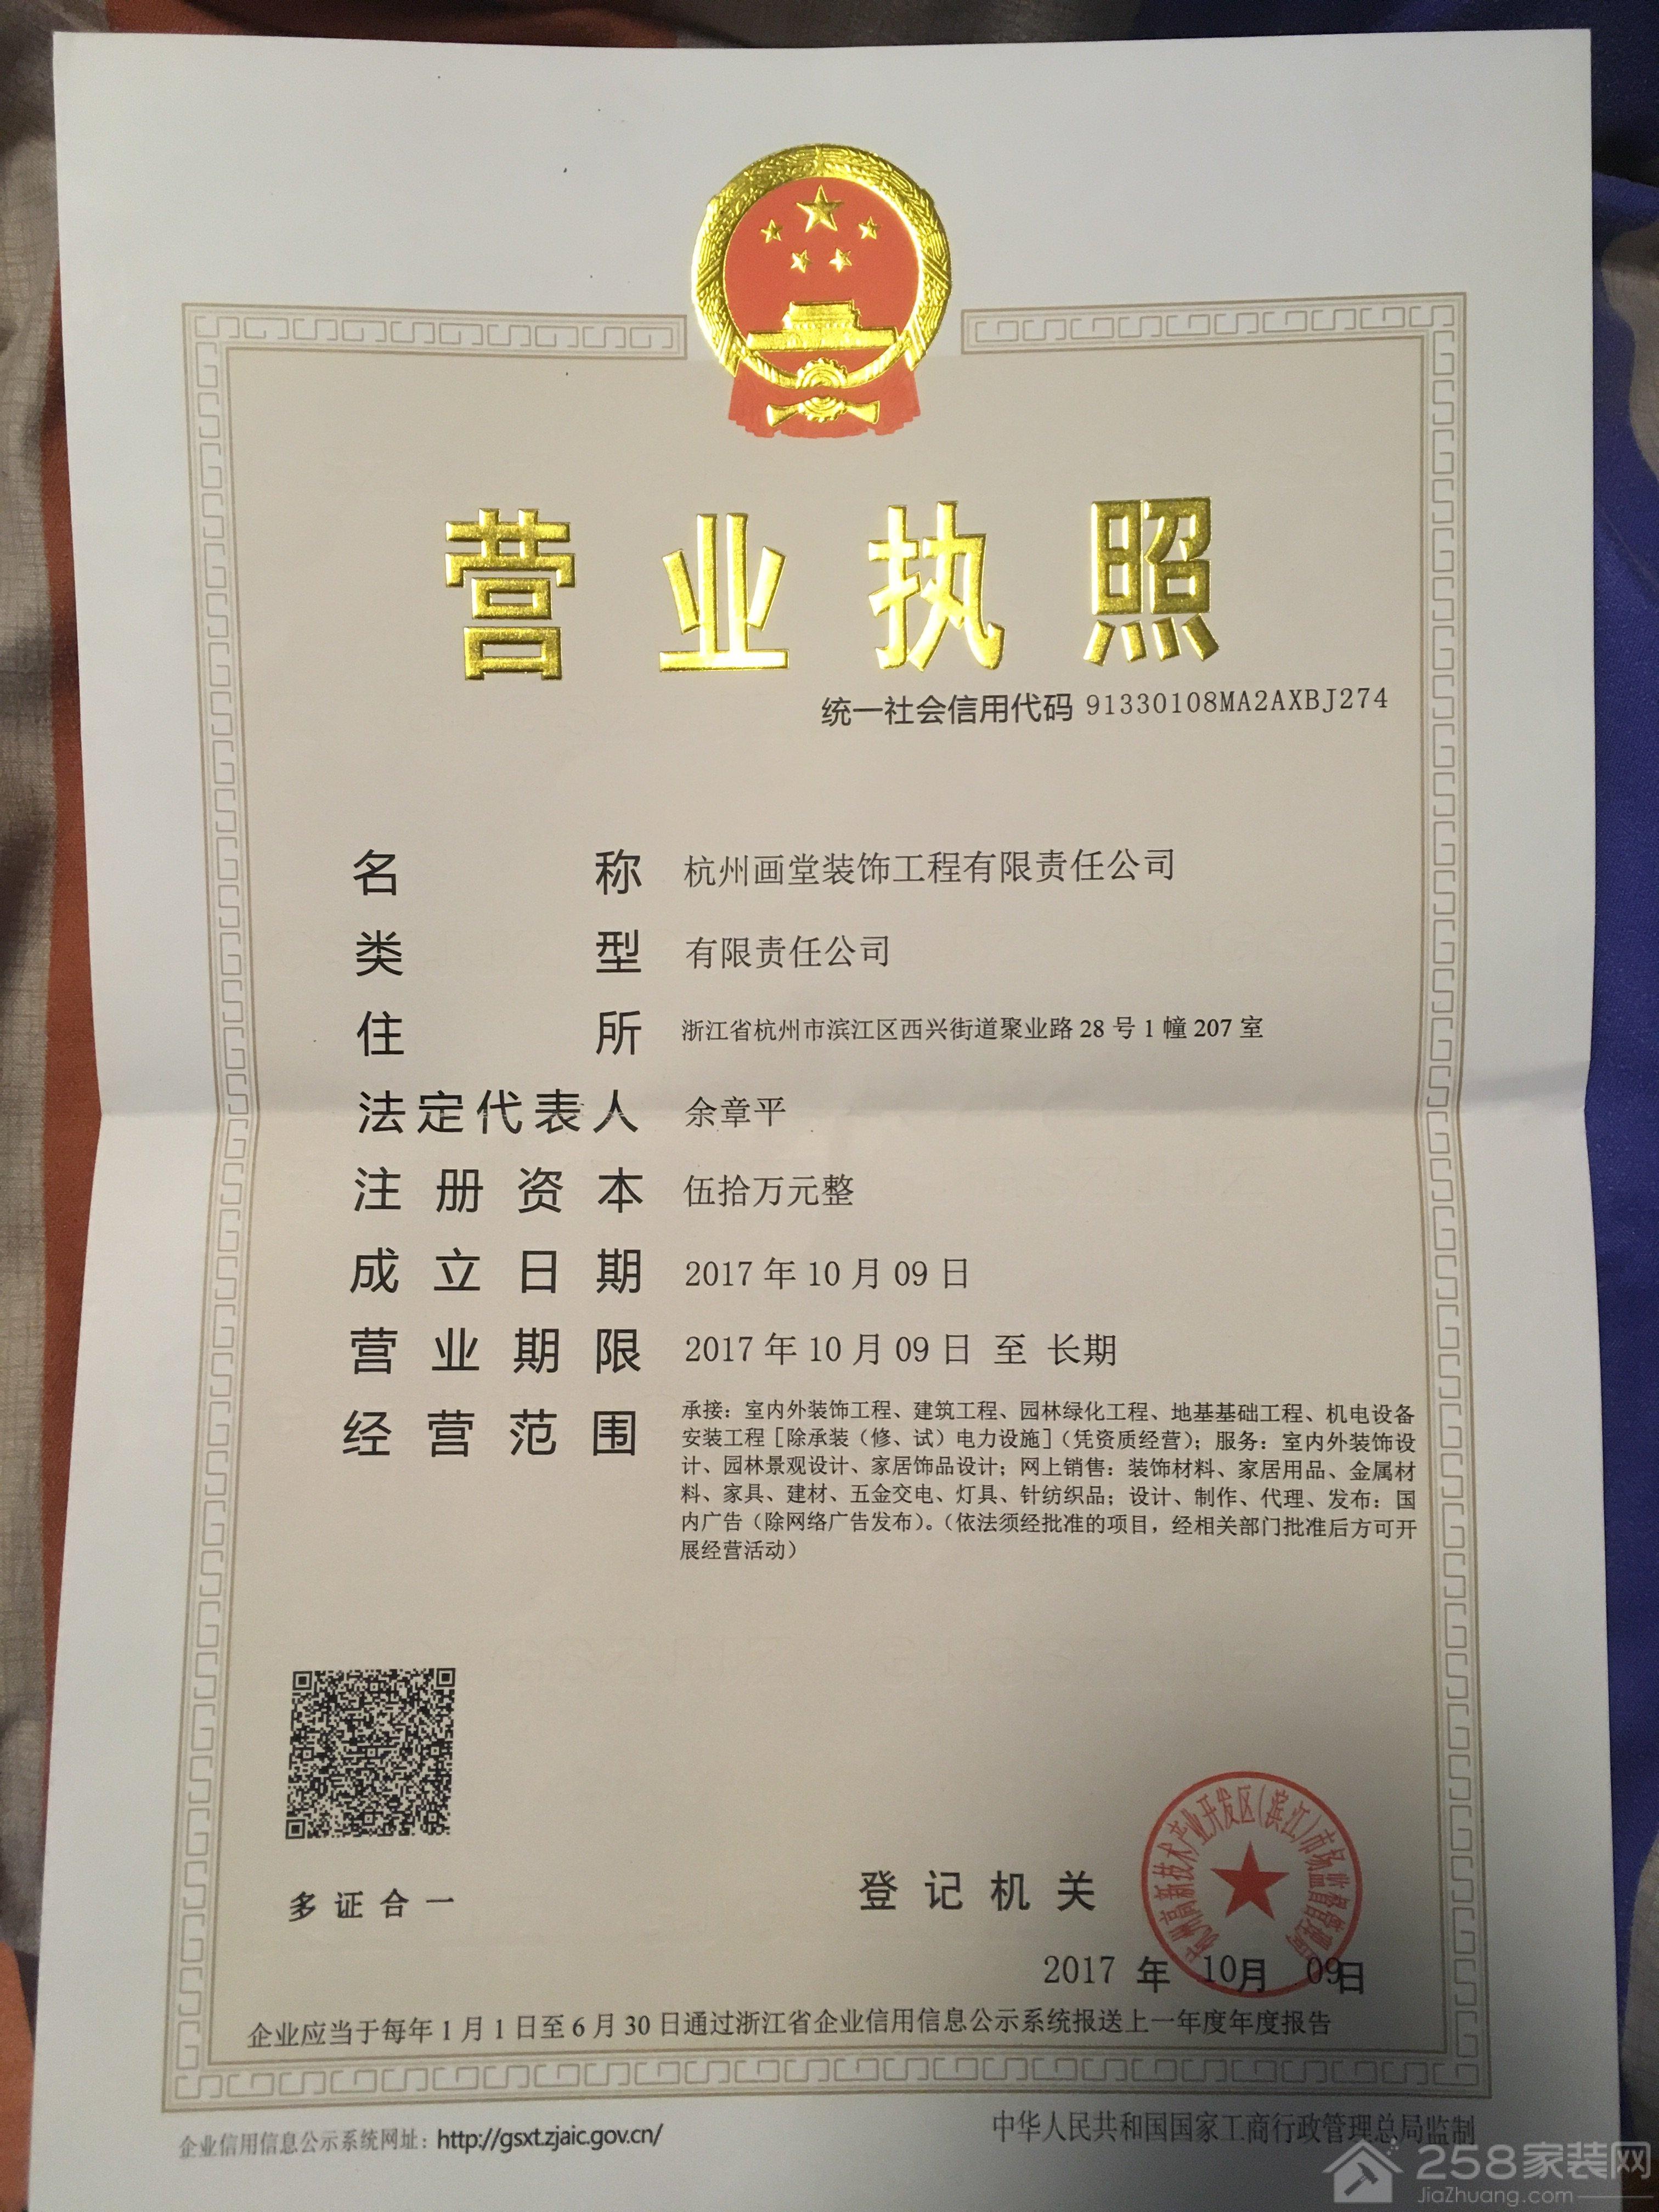 杭州画堂装饰工程有限责任公司